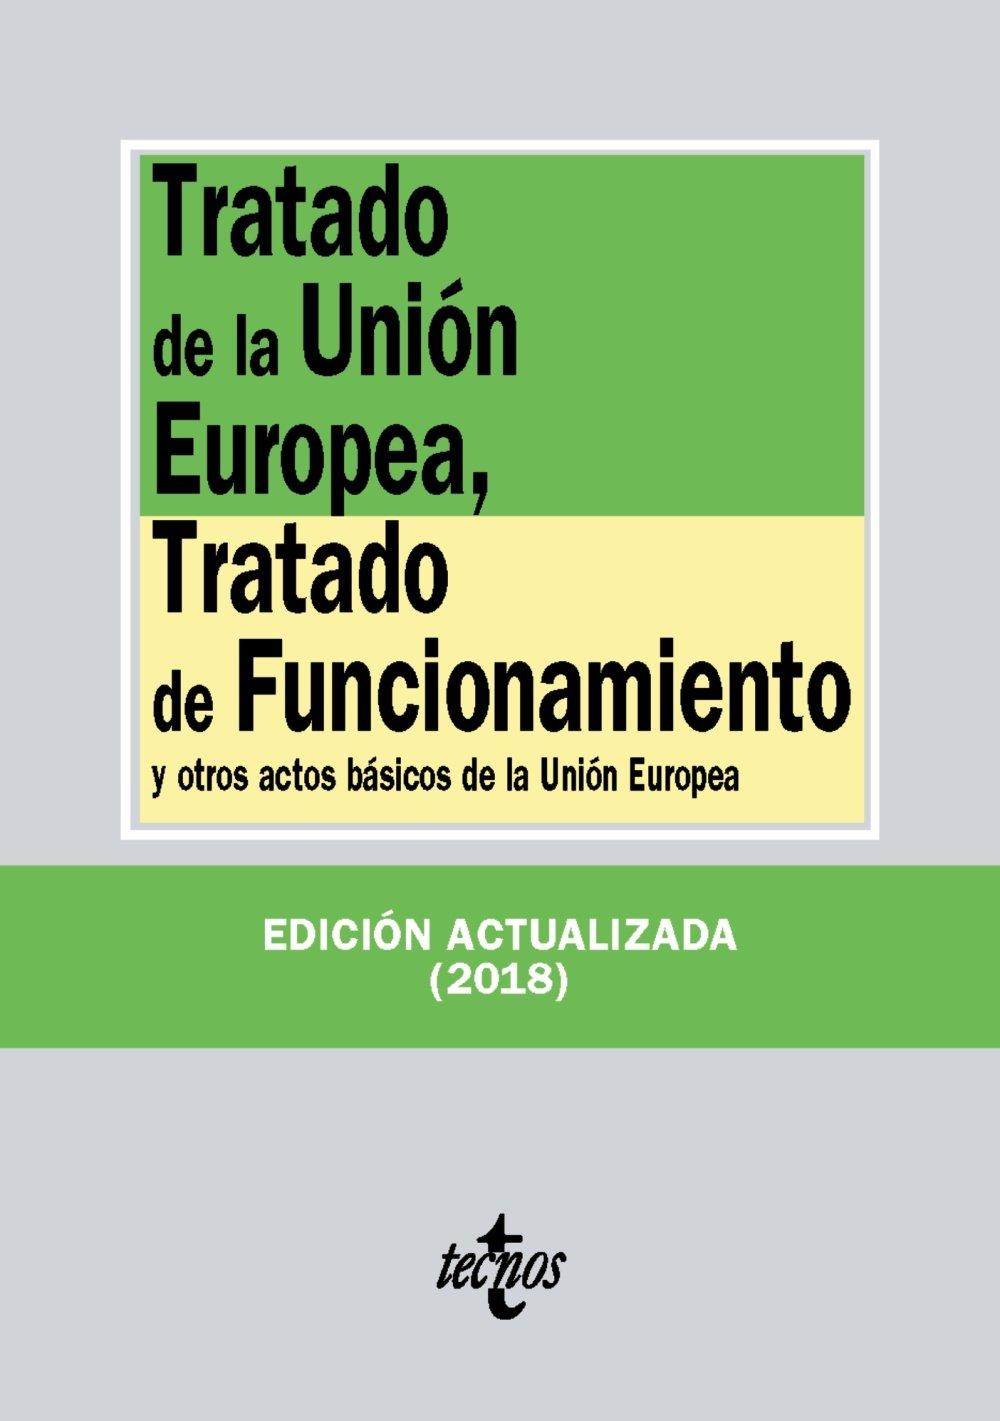 Tratado de la Unión Europea, Tratado de Funcionamiento: y otros actos básicos de la Unión Europea (Derecho - Biblioteca De Textos Legales) Tapa blanda – 6 sep 2018 Editorial Tecnos 8430975136 Legislation